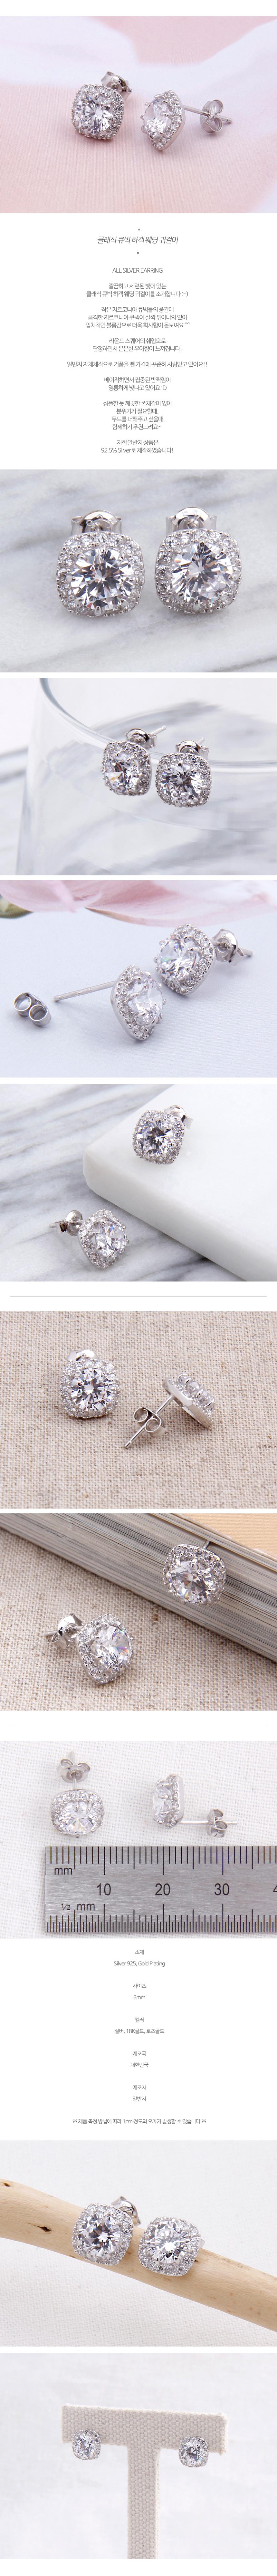 클래식 큐빅 하객 웨딩 귀걸이 - 알반지, 26,500원, 진주/원석, 볼귀걸이